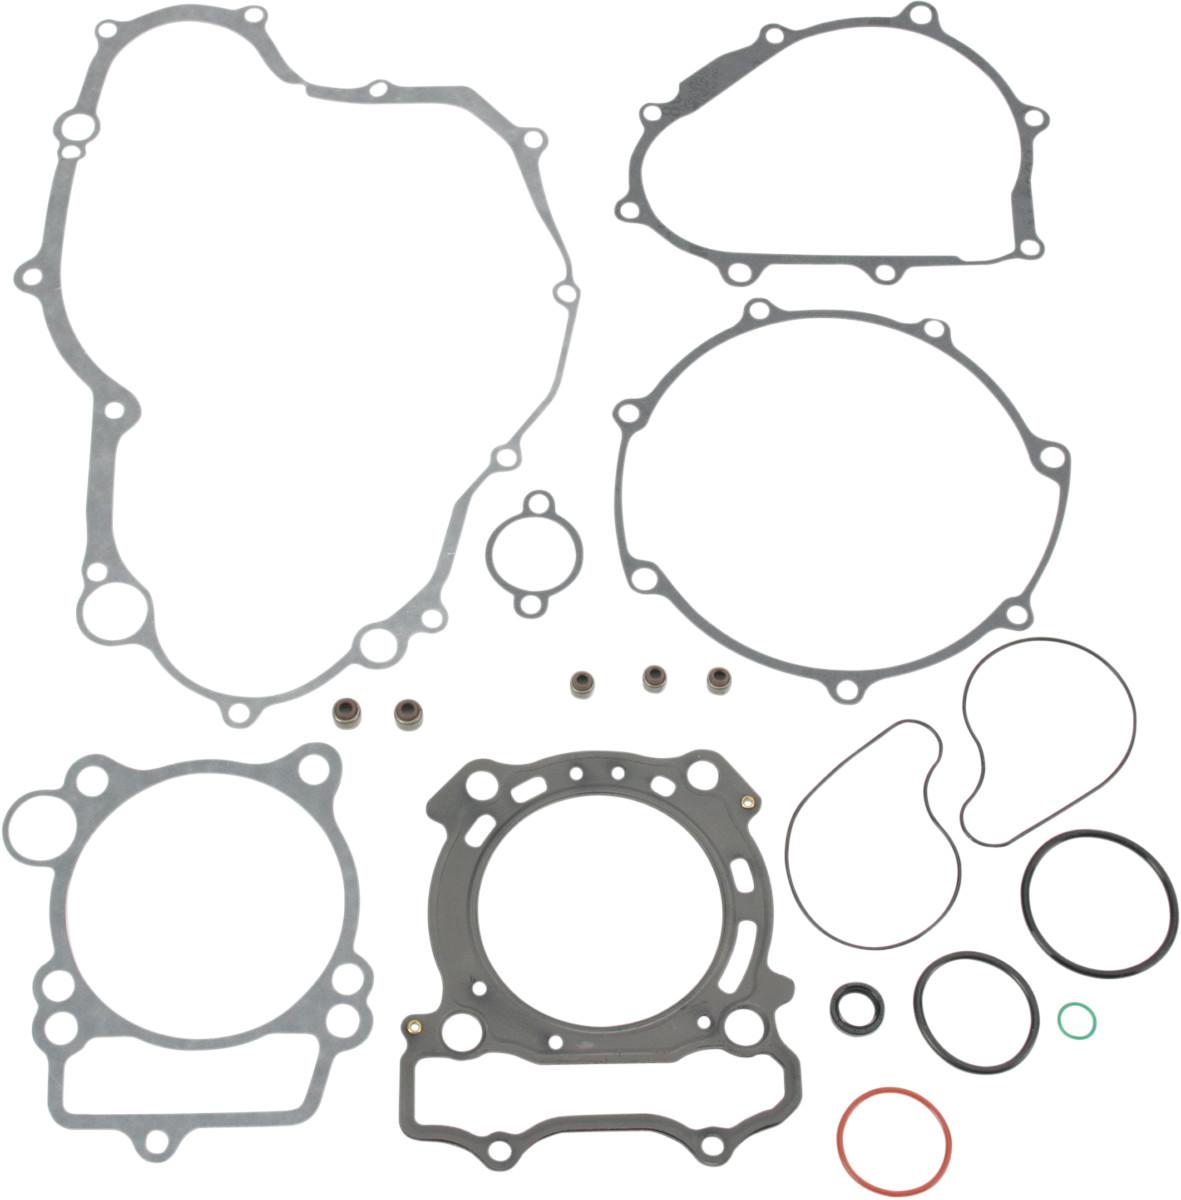 Moose Racing Complete Engine Gasket Kit For Yamaha Yz 250